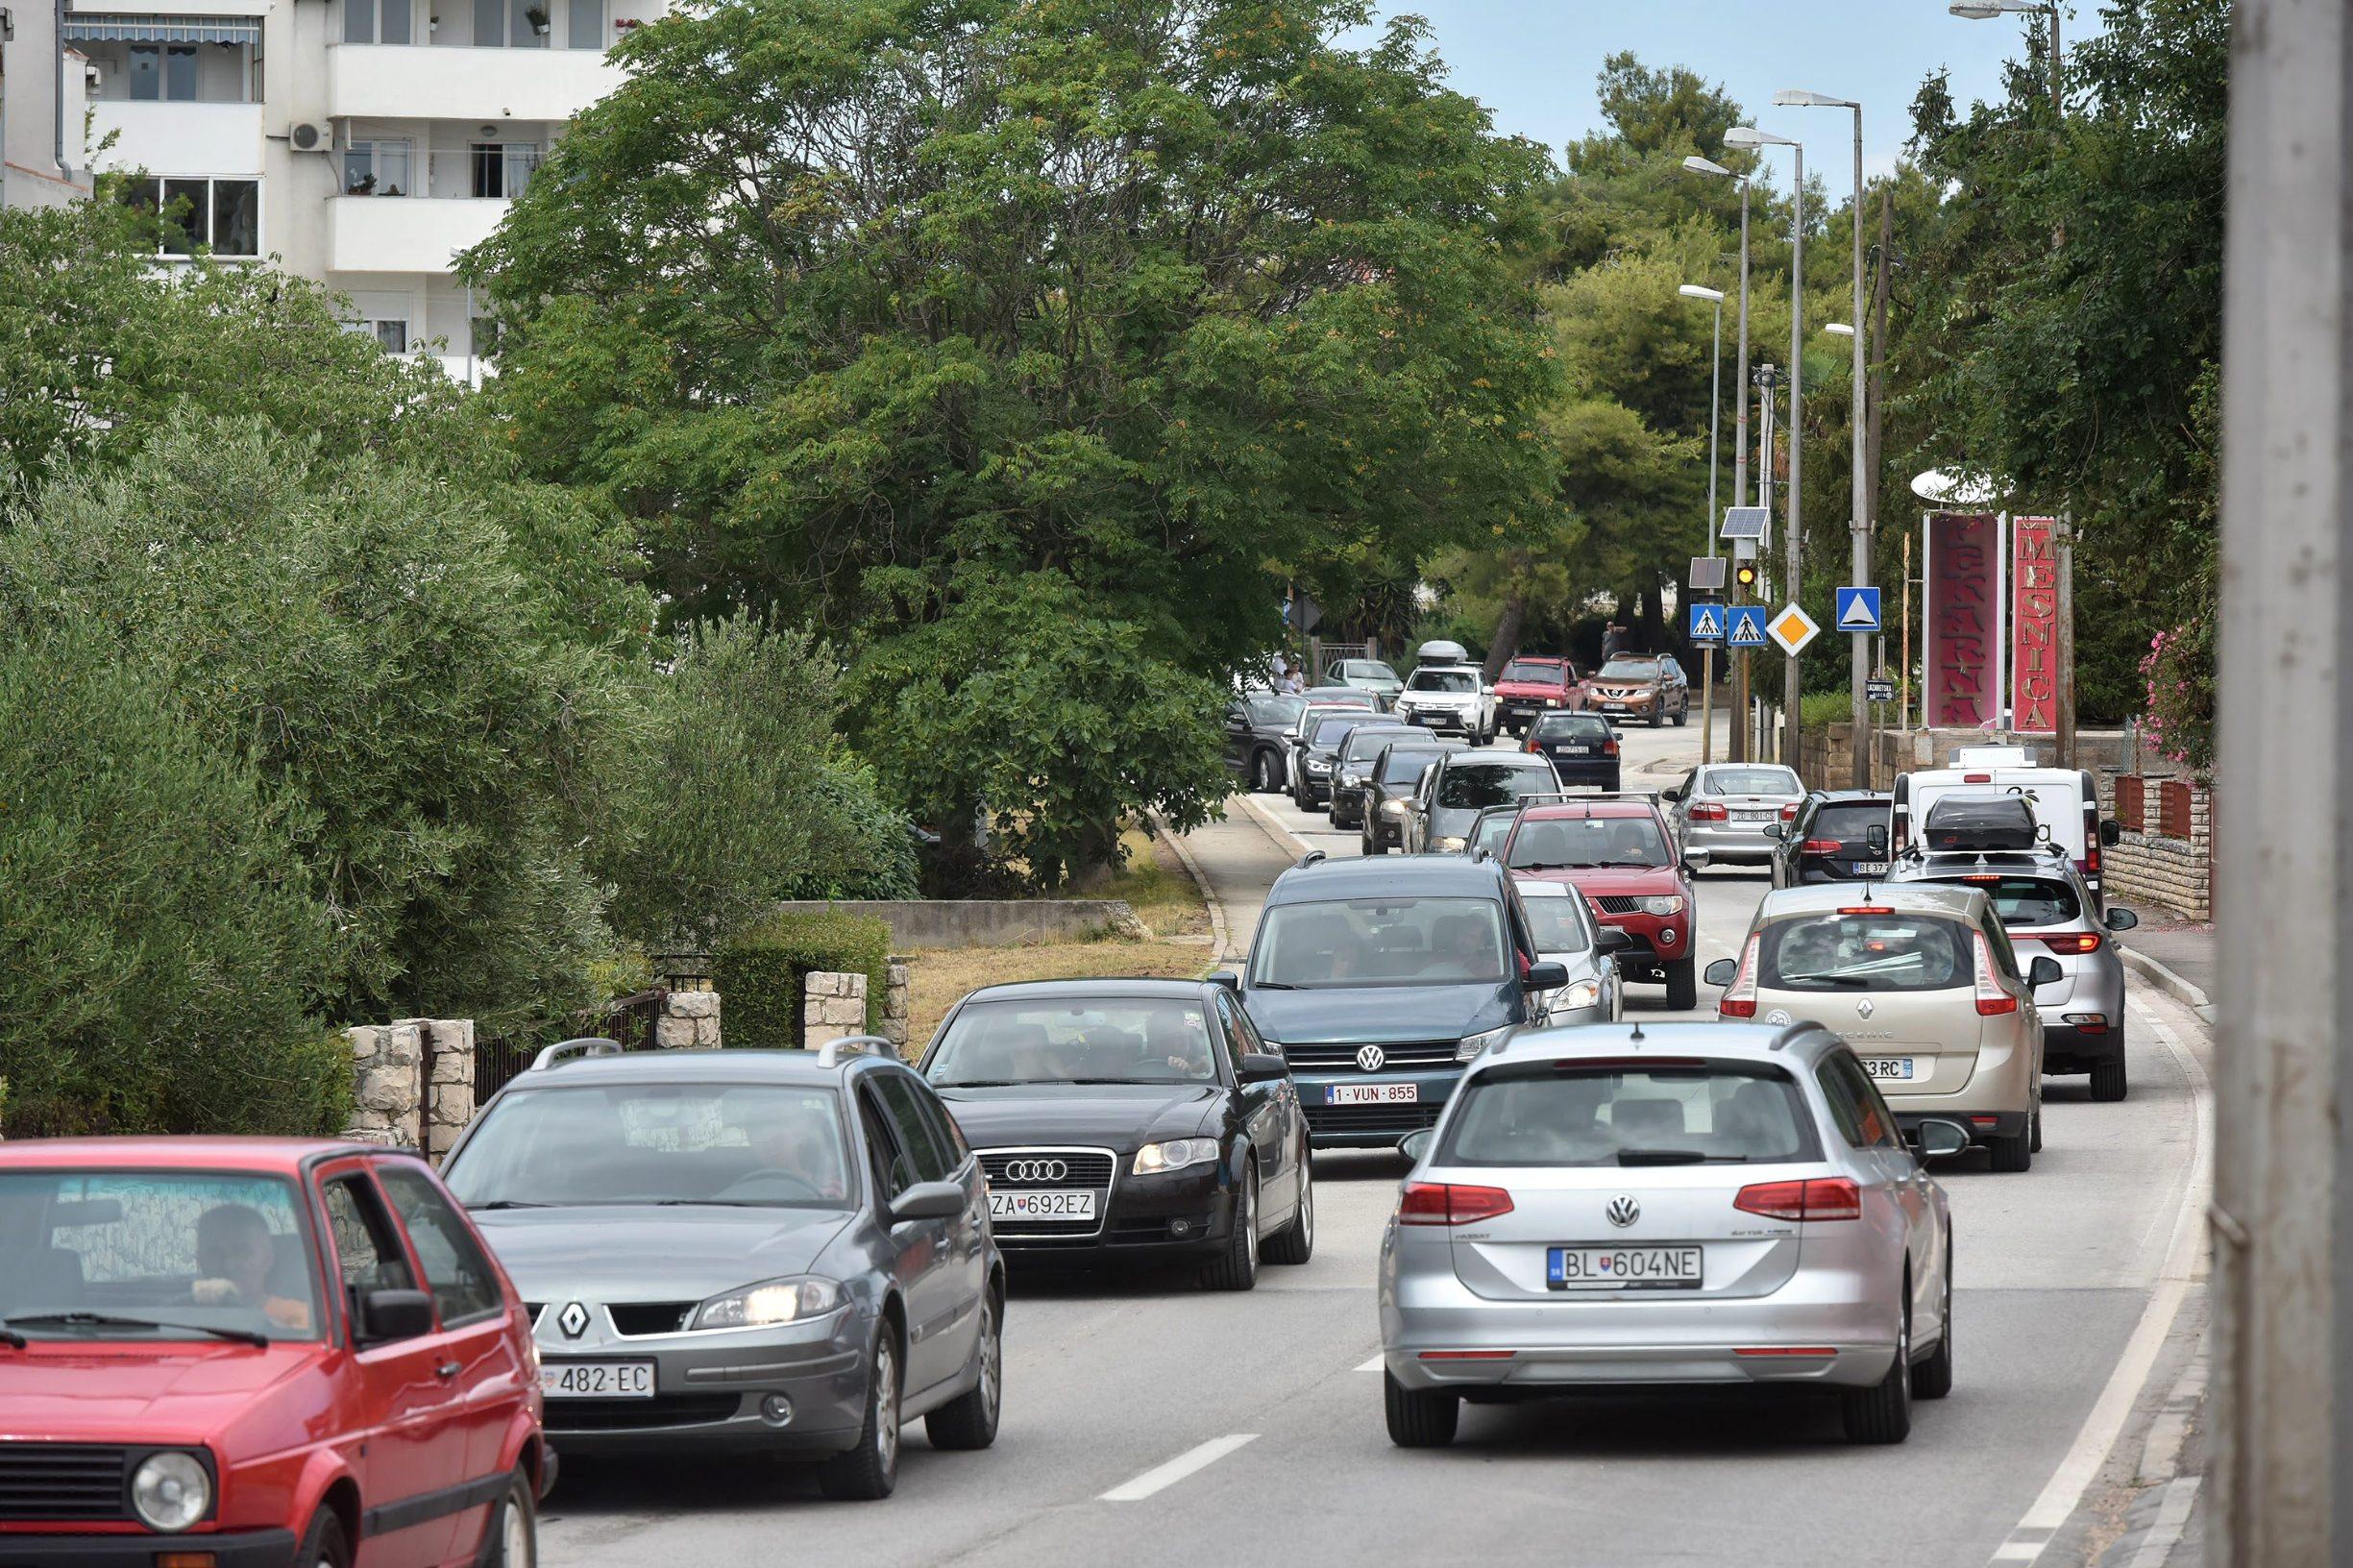 Turisti zbog lošeg vremena iz okolice Zadra u kolonoma automobila pristižu u centar grada što stvara velike prometne gužve i zastoje.